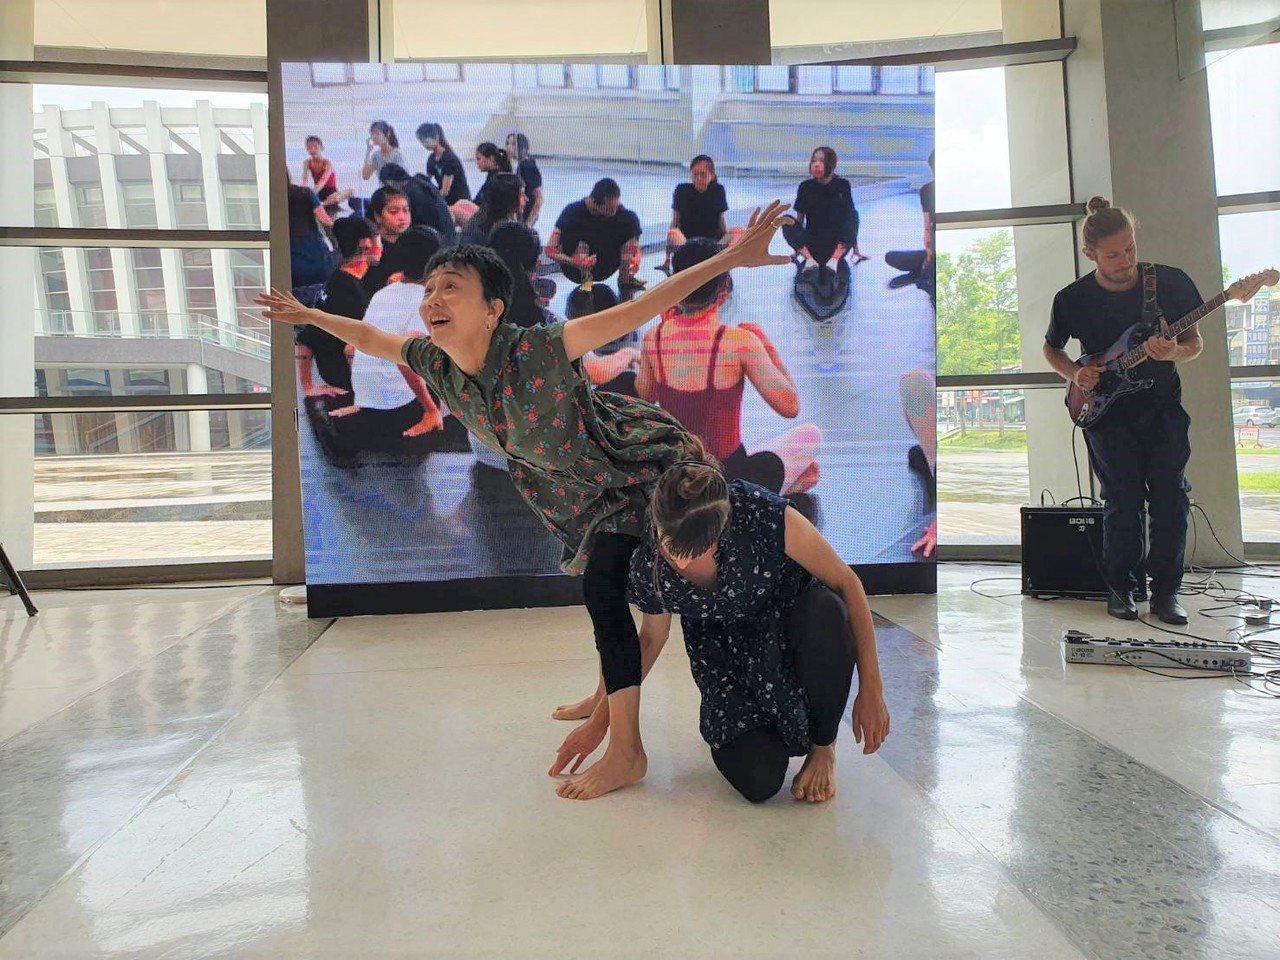 蔡孟霙空間舞團在地方深耕多年。圖/屏東縣政府文化處提供